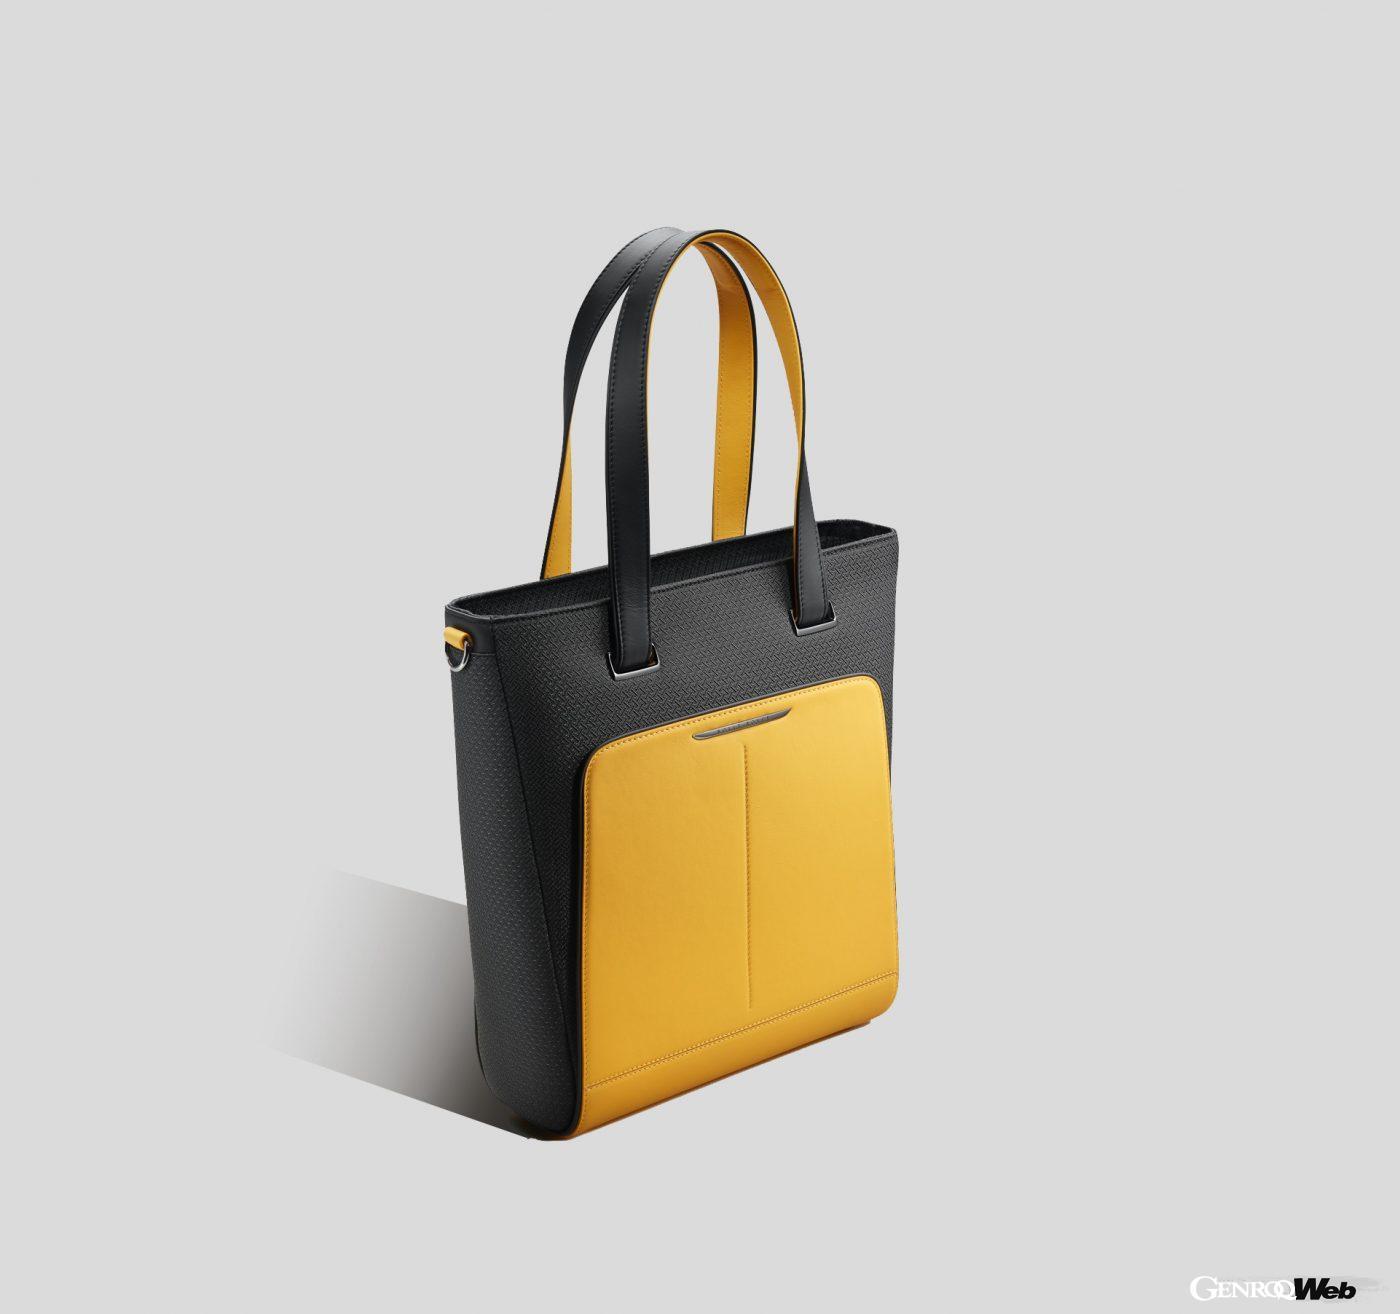 「ロールス・ロイスを「持ち歩く」! 新作バッグコレクションに見るラグジュアリーの新しい姿」の7枚目の画像